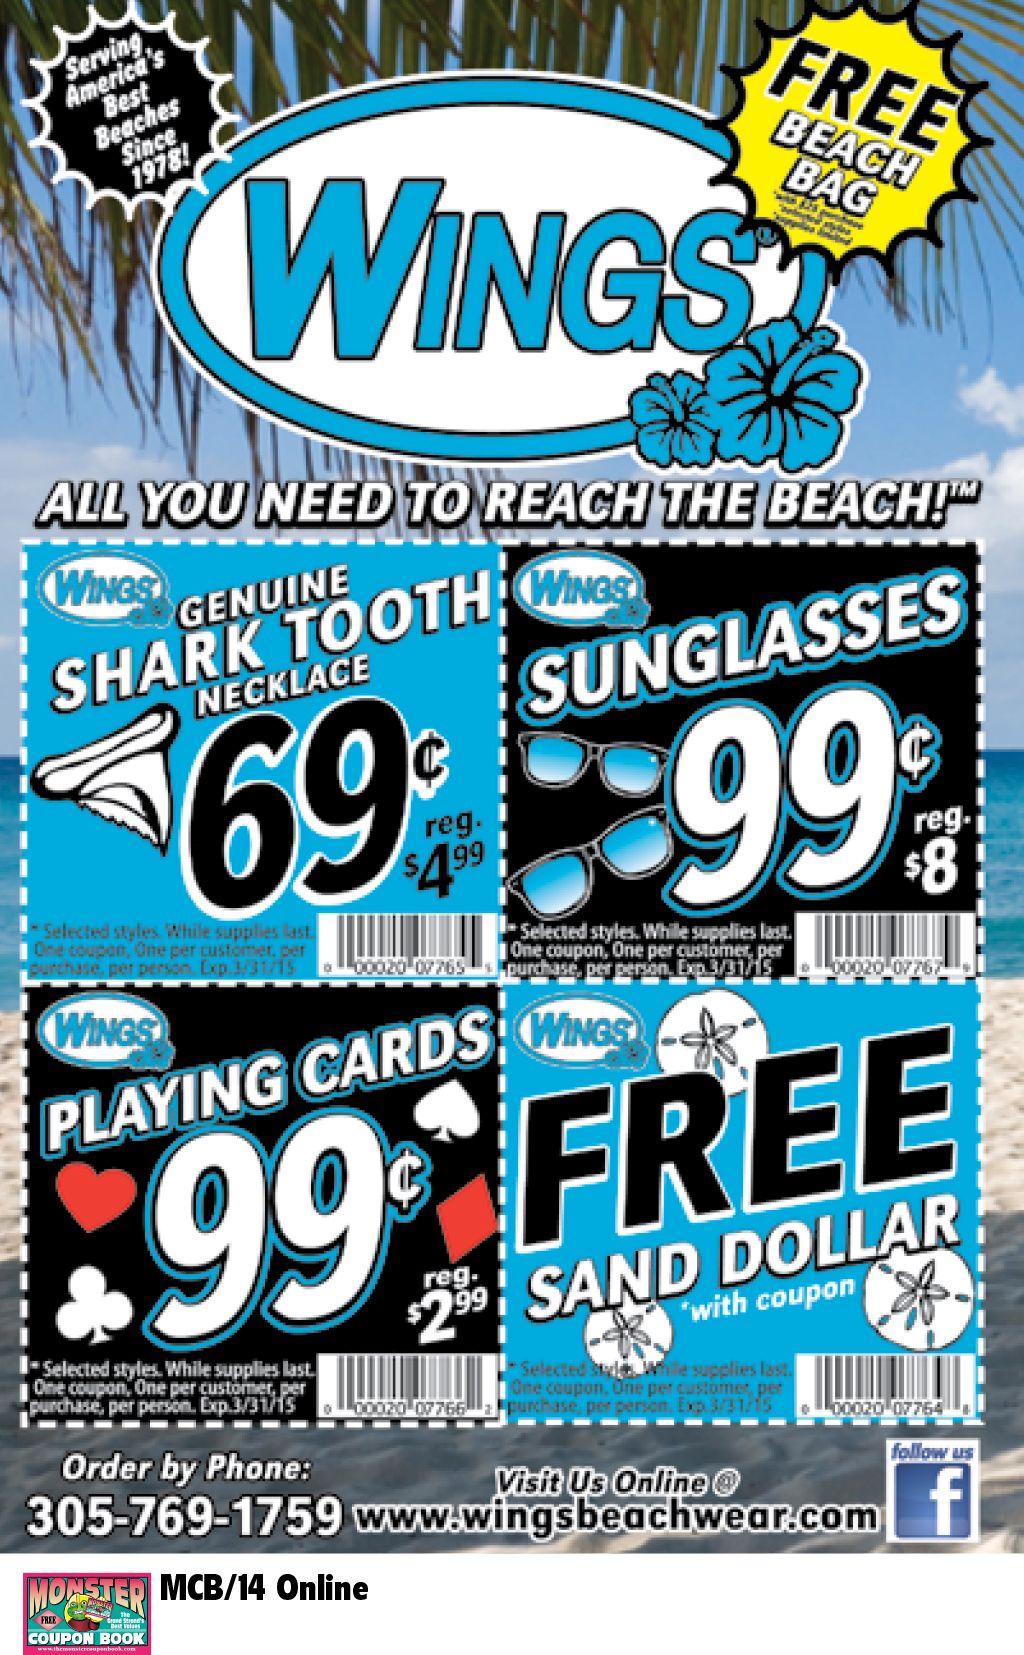 Wings Beachwear Myrtle Beach Resorts Myrtle Beach Vacation Myrtle Beach Resorts Best Beaches In Maui